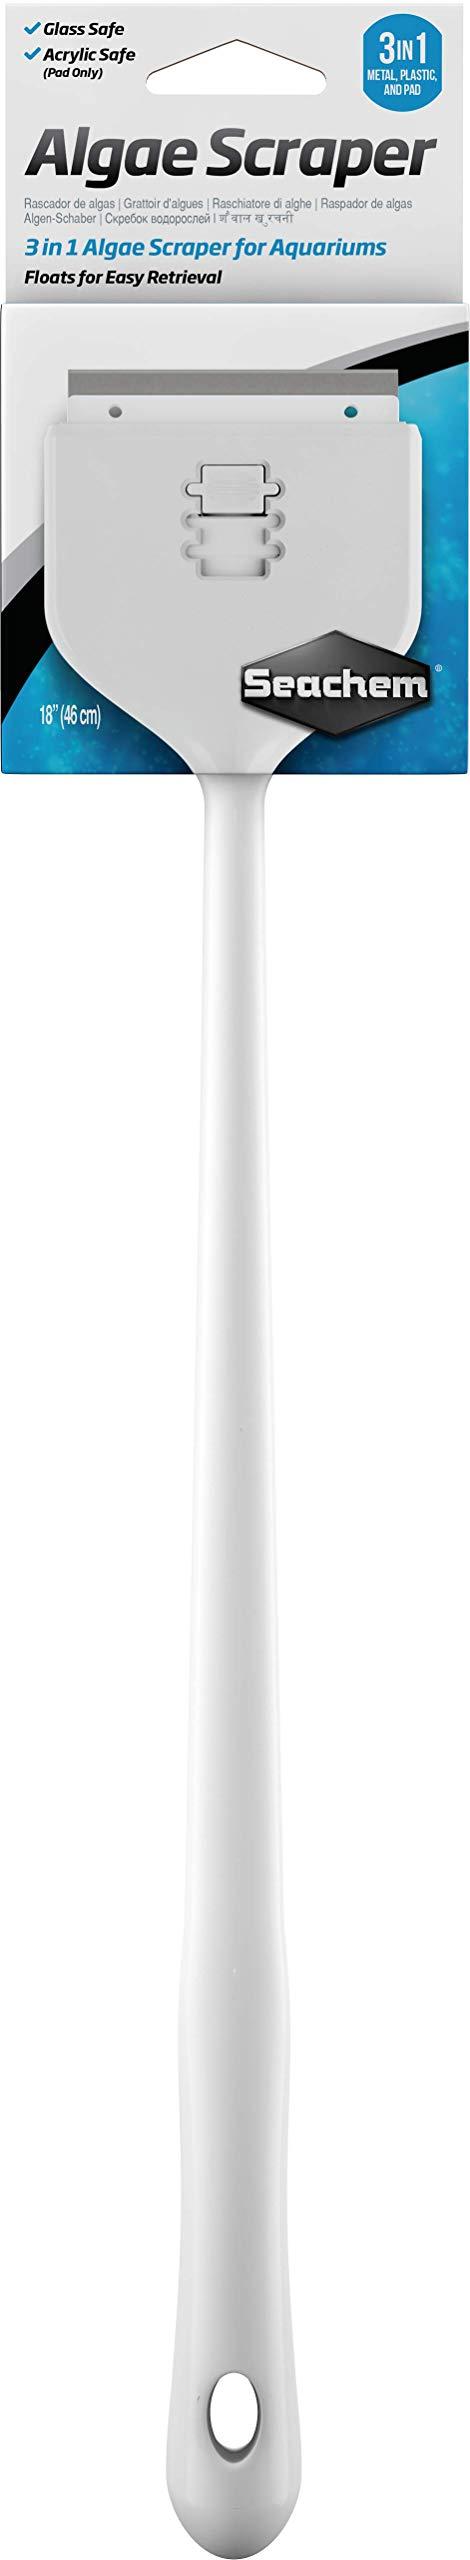 Seachem 3-in-1 Algae Scraper Tool - 18 Inch Retractable, Adjustable Aquarium Cleaning Tool by Seachem